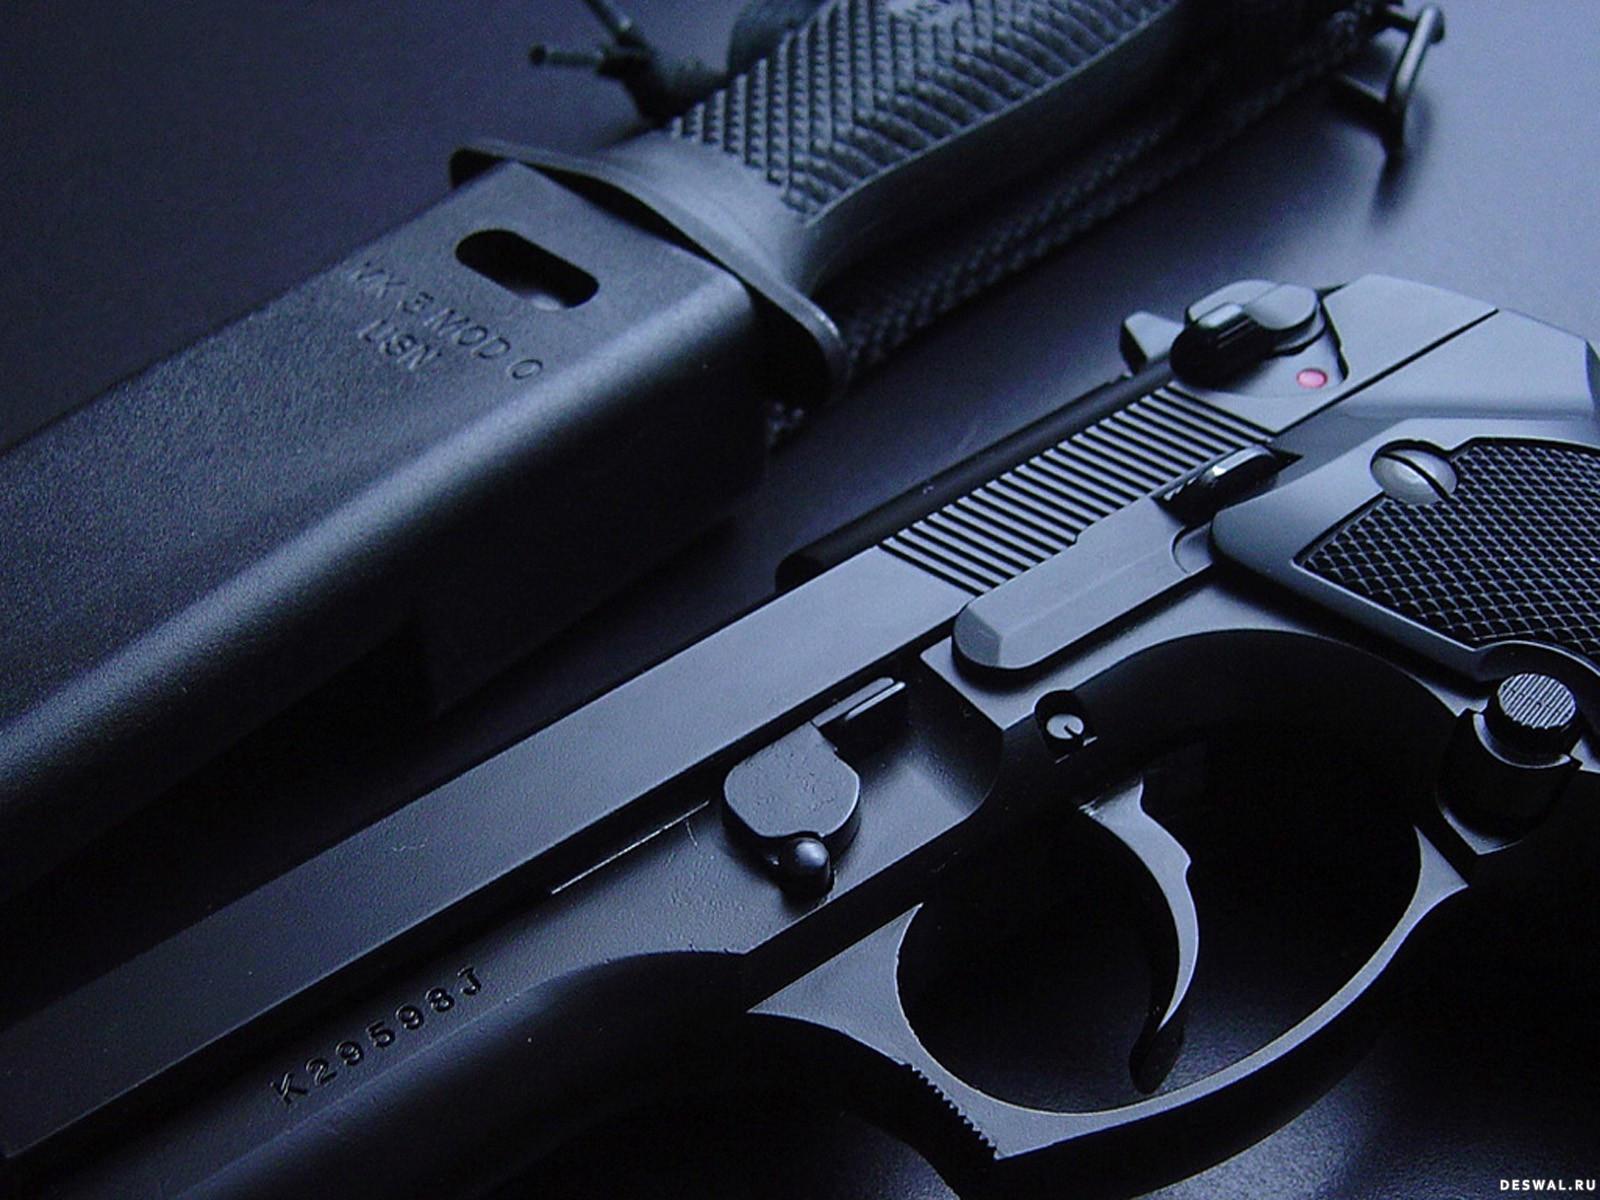 Фото 91. Нажмите на картинку с обоями оружия, чтобы просмотреть ее в реальном размере